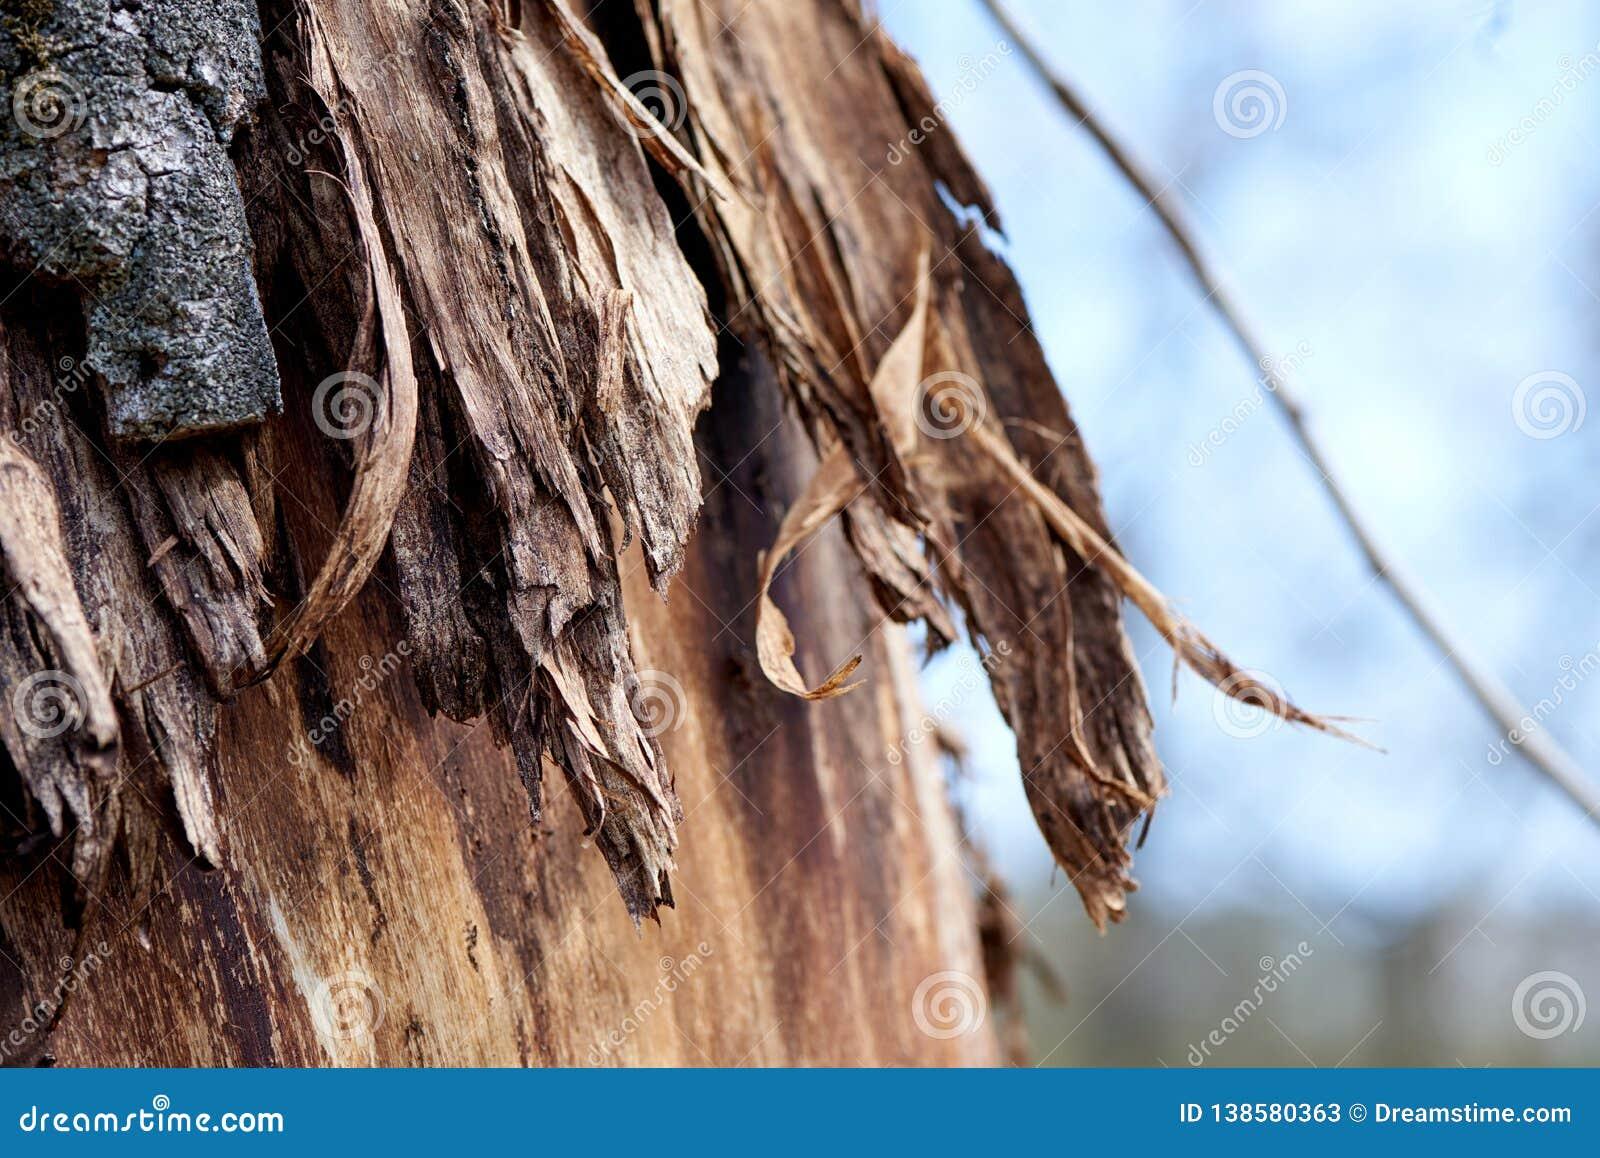 Barkentyna na drzewie stronniczo flayed